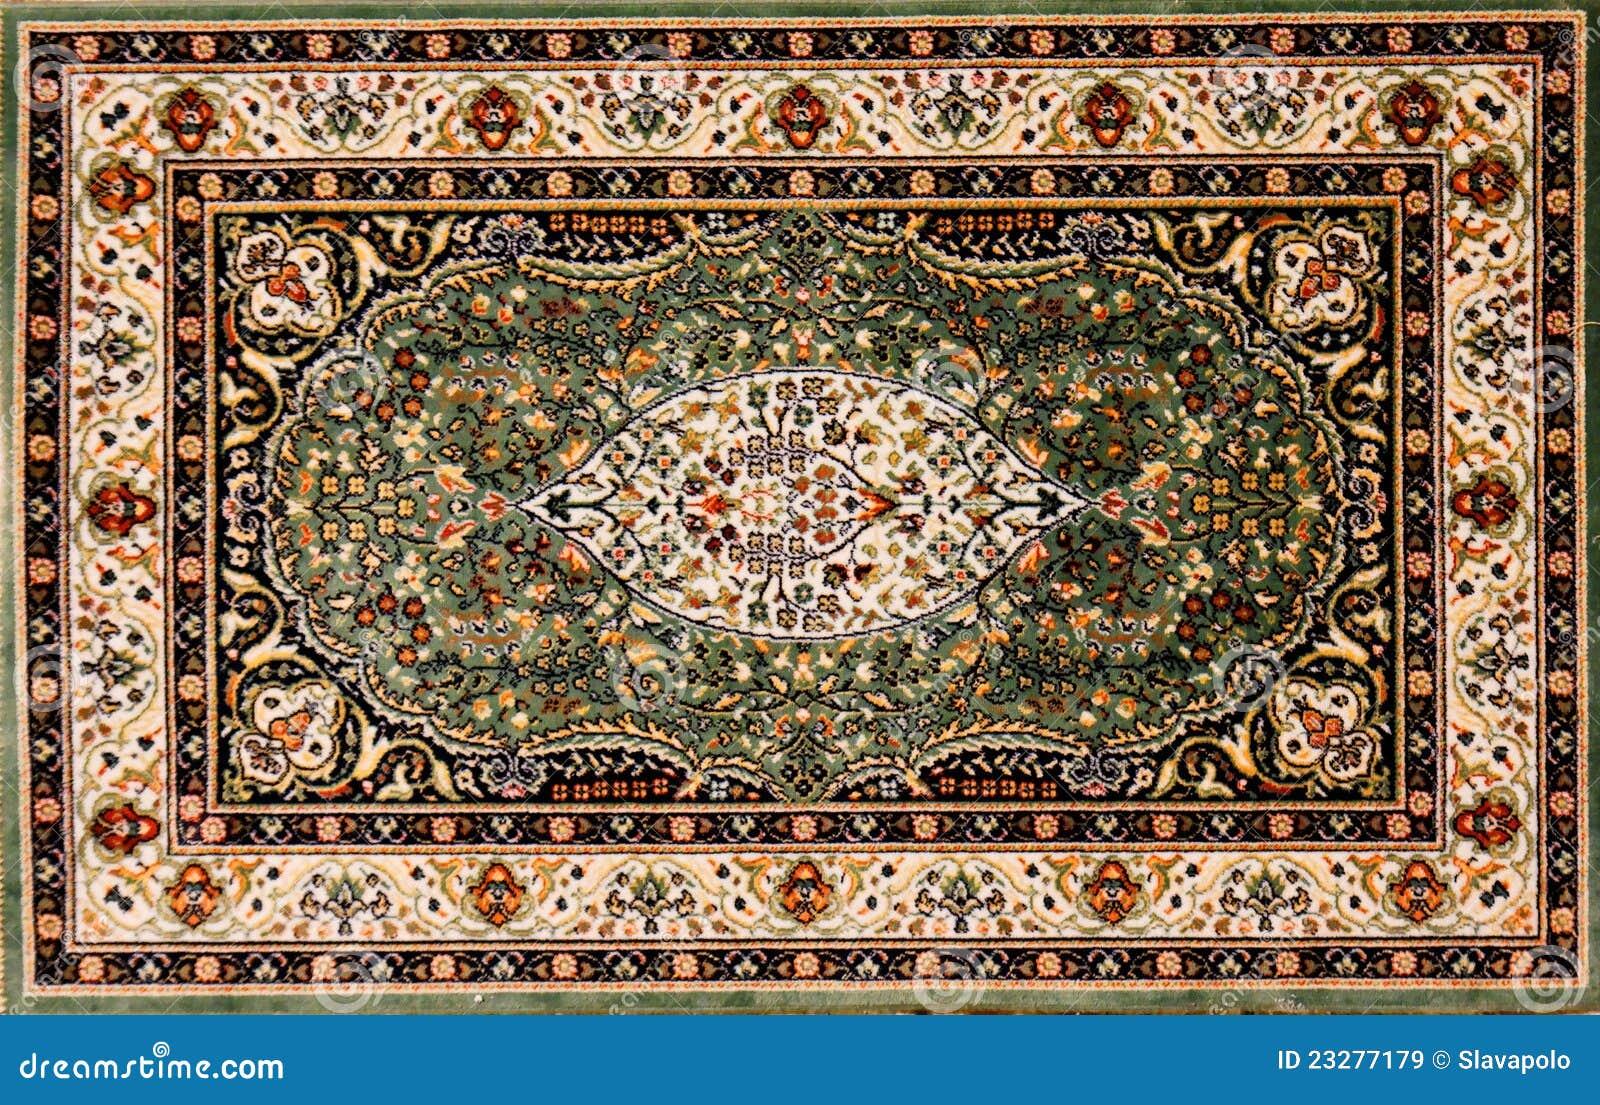 Tapete 225 Rabe Com Teste Padr 227 O Floral Imagem De Stock